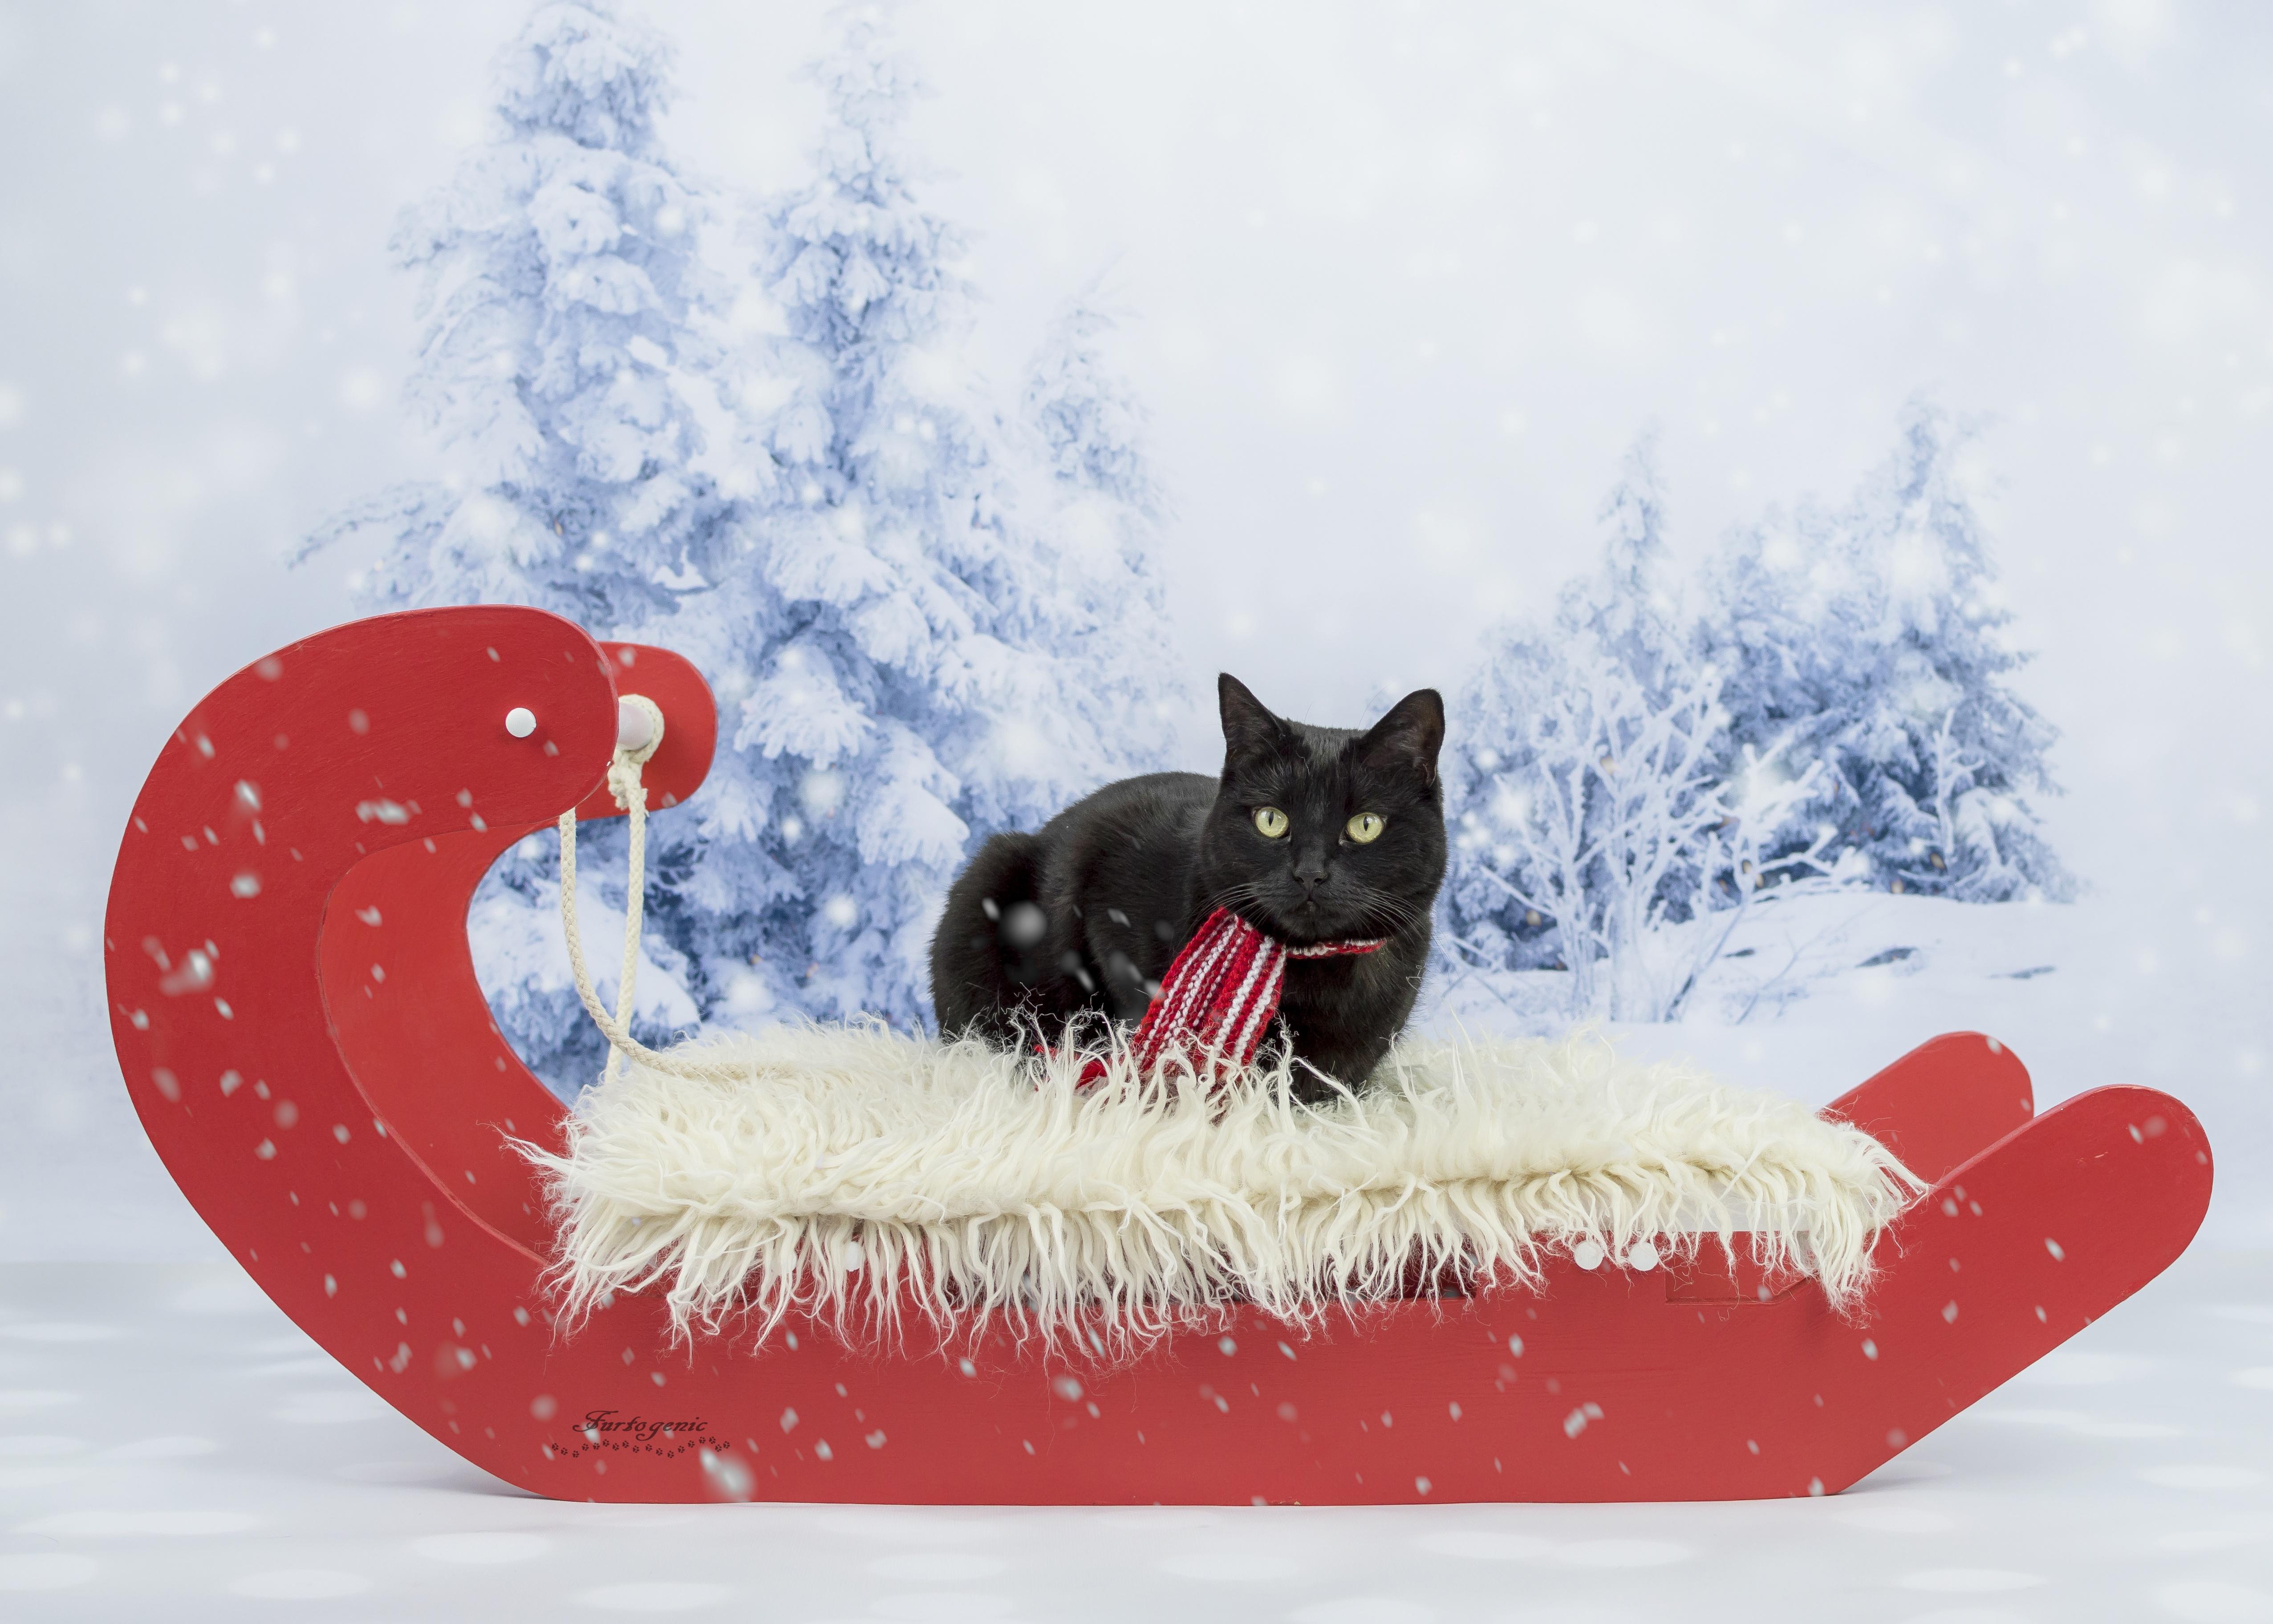 закашанский зима котики картинки на рабочий стол организация была прибыльной